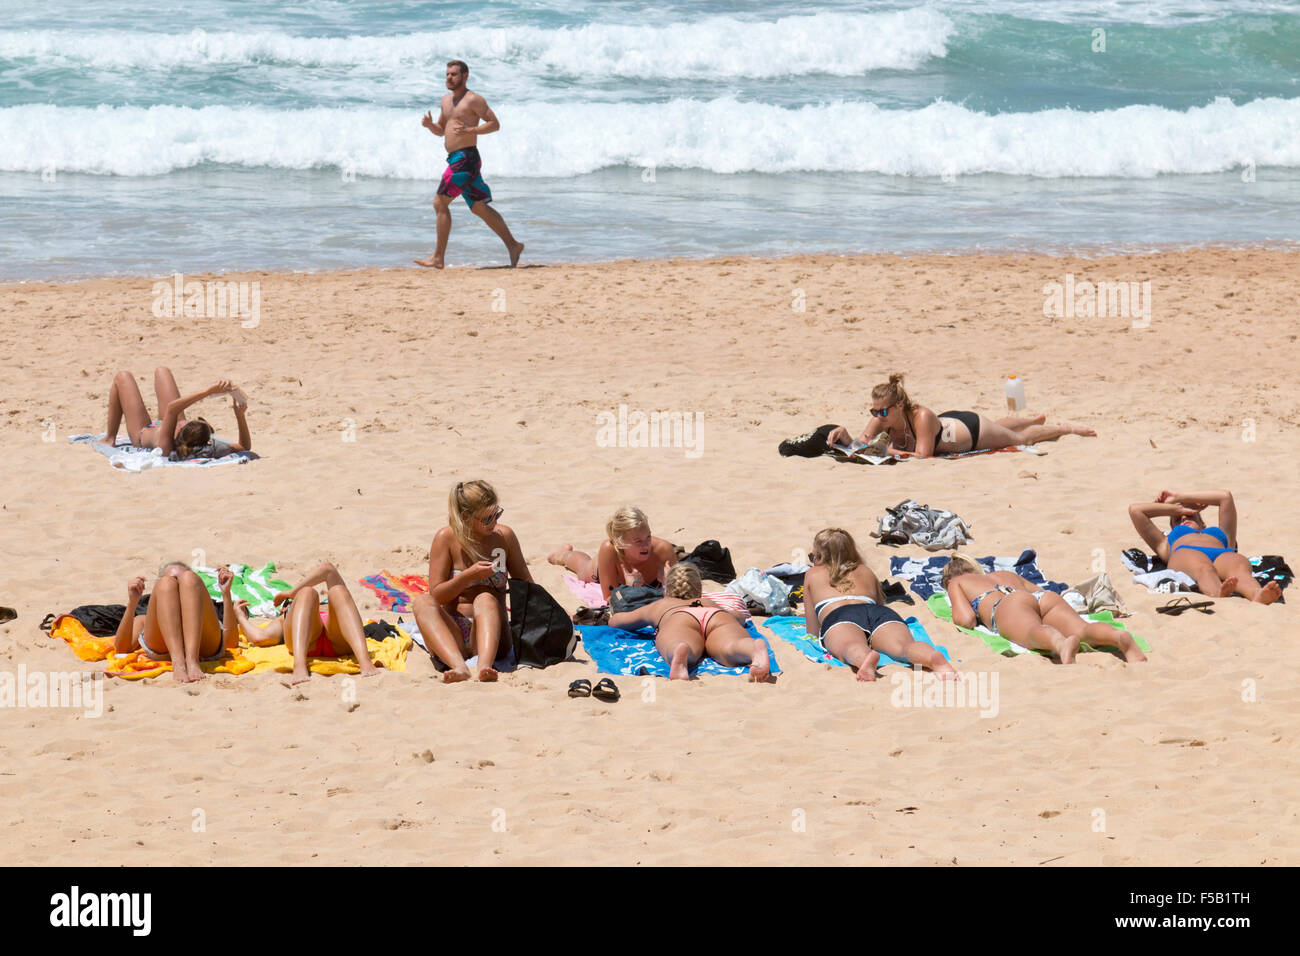 teenage girls sunbathing on Manly Beach Sydney, Australia - Stock Image